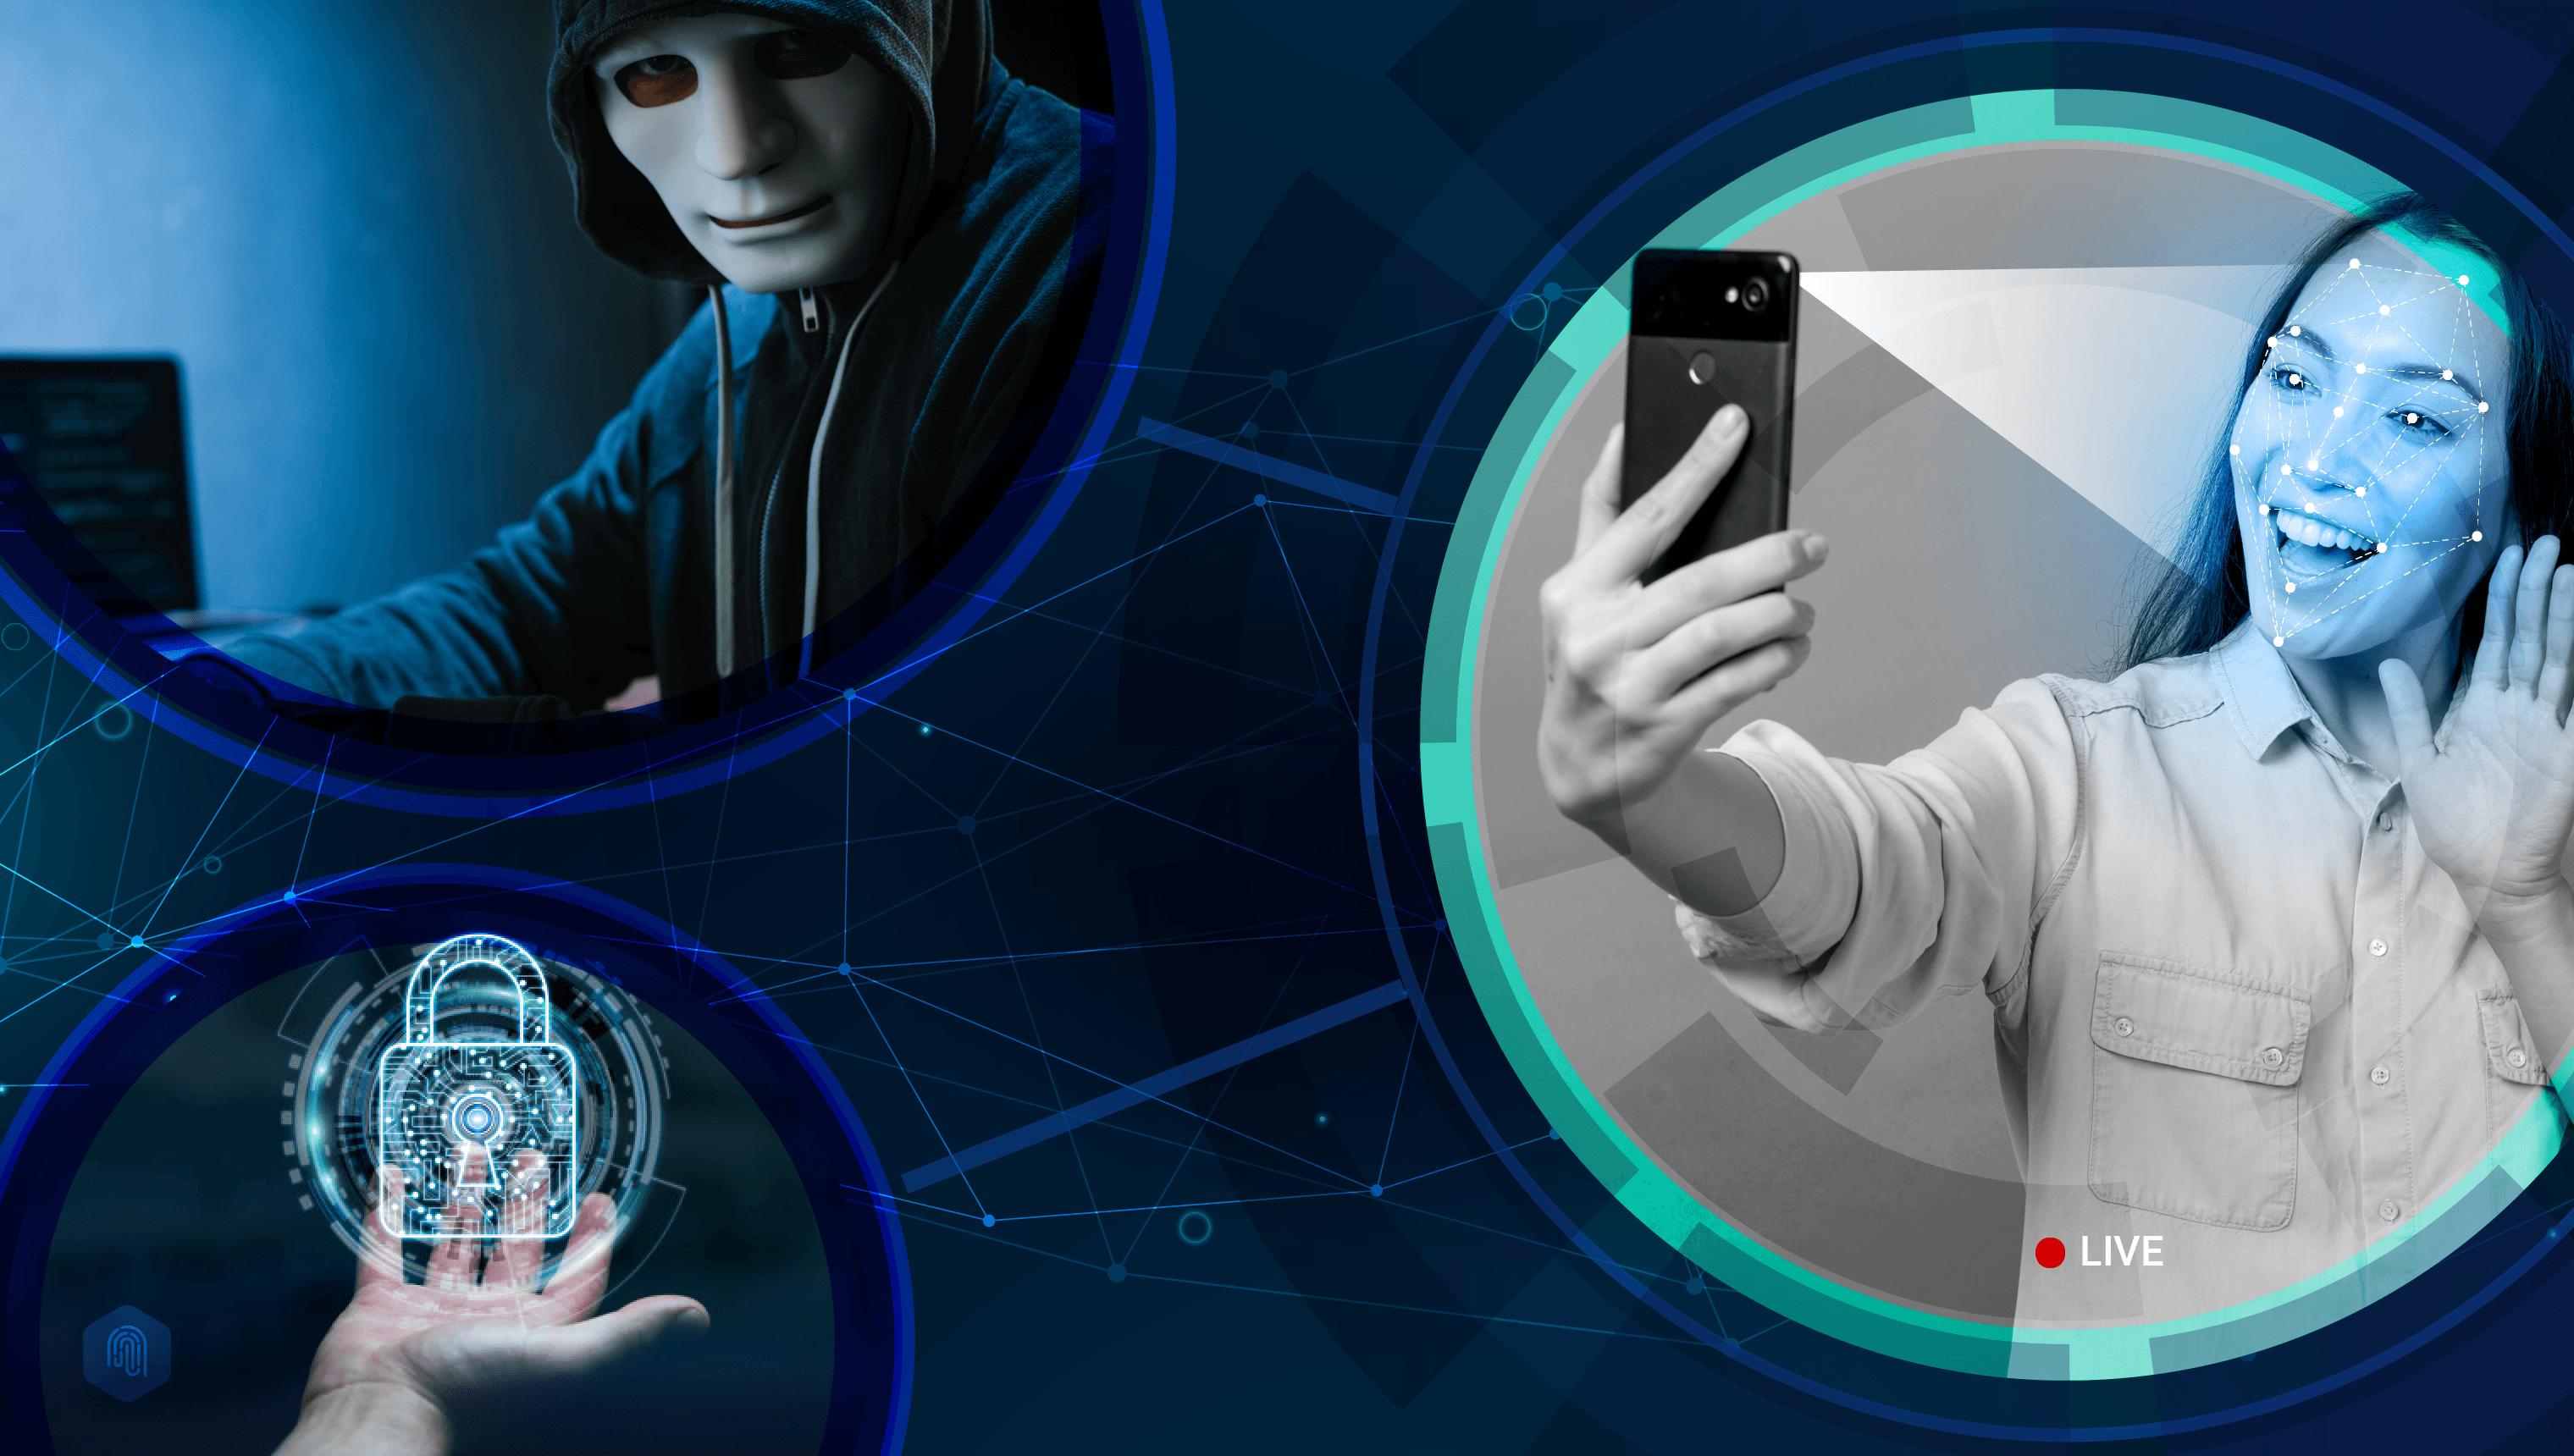 از آغاز تا پایان هویت امن دیجیتال -بخش اول: نیاز به متوقف کردن چرخه درز اطلاعات